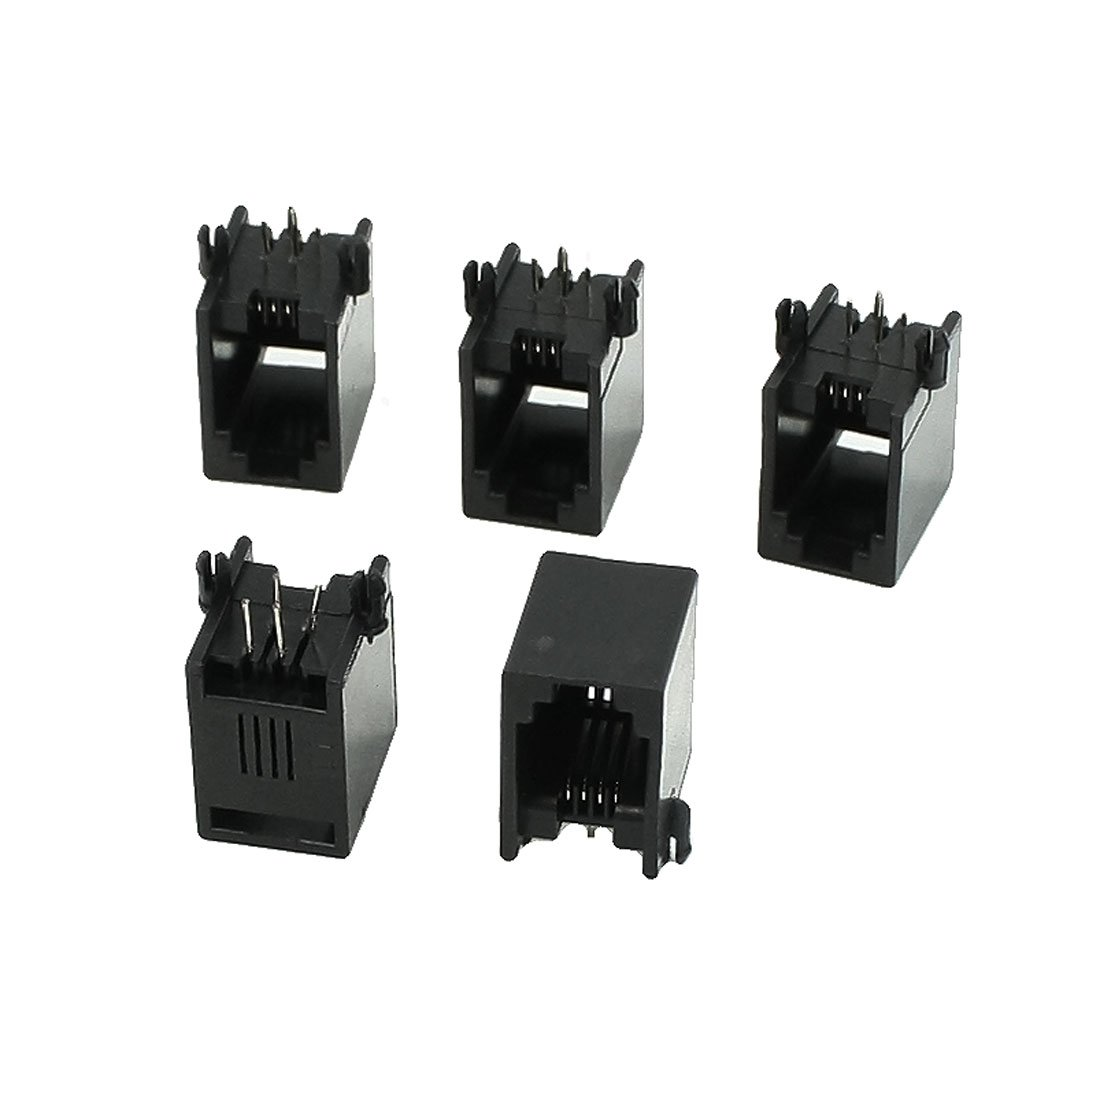 uxcell 5 Pcs RJ9 RJ10 RJ22 4P4C Handset Sockets Jacks 13 x 9.5 x 14mm